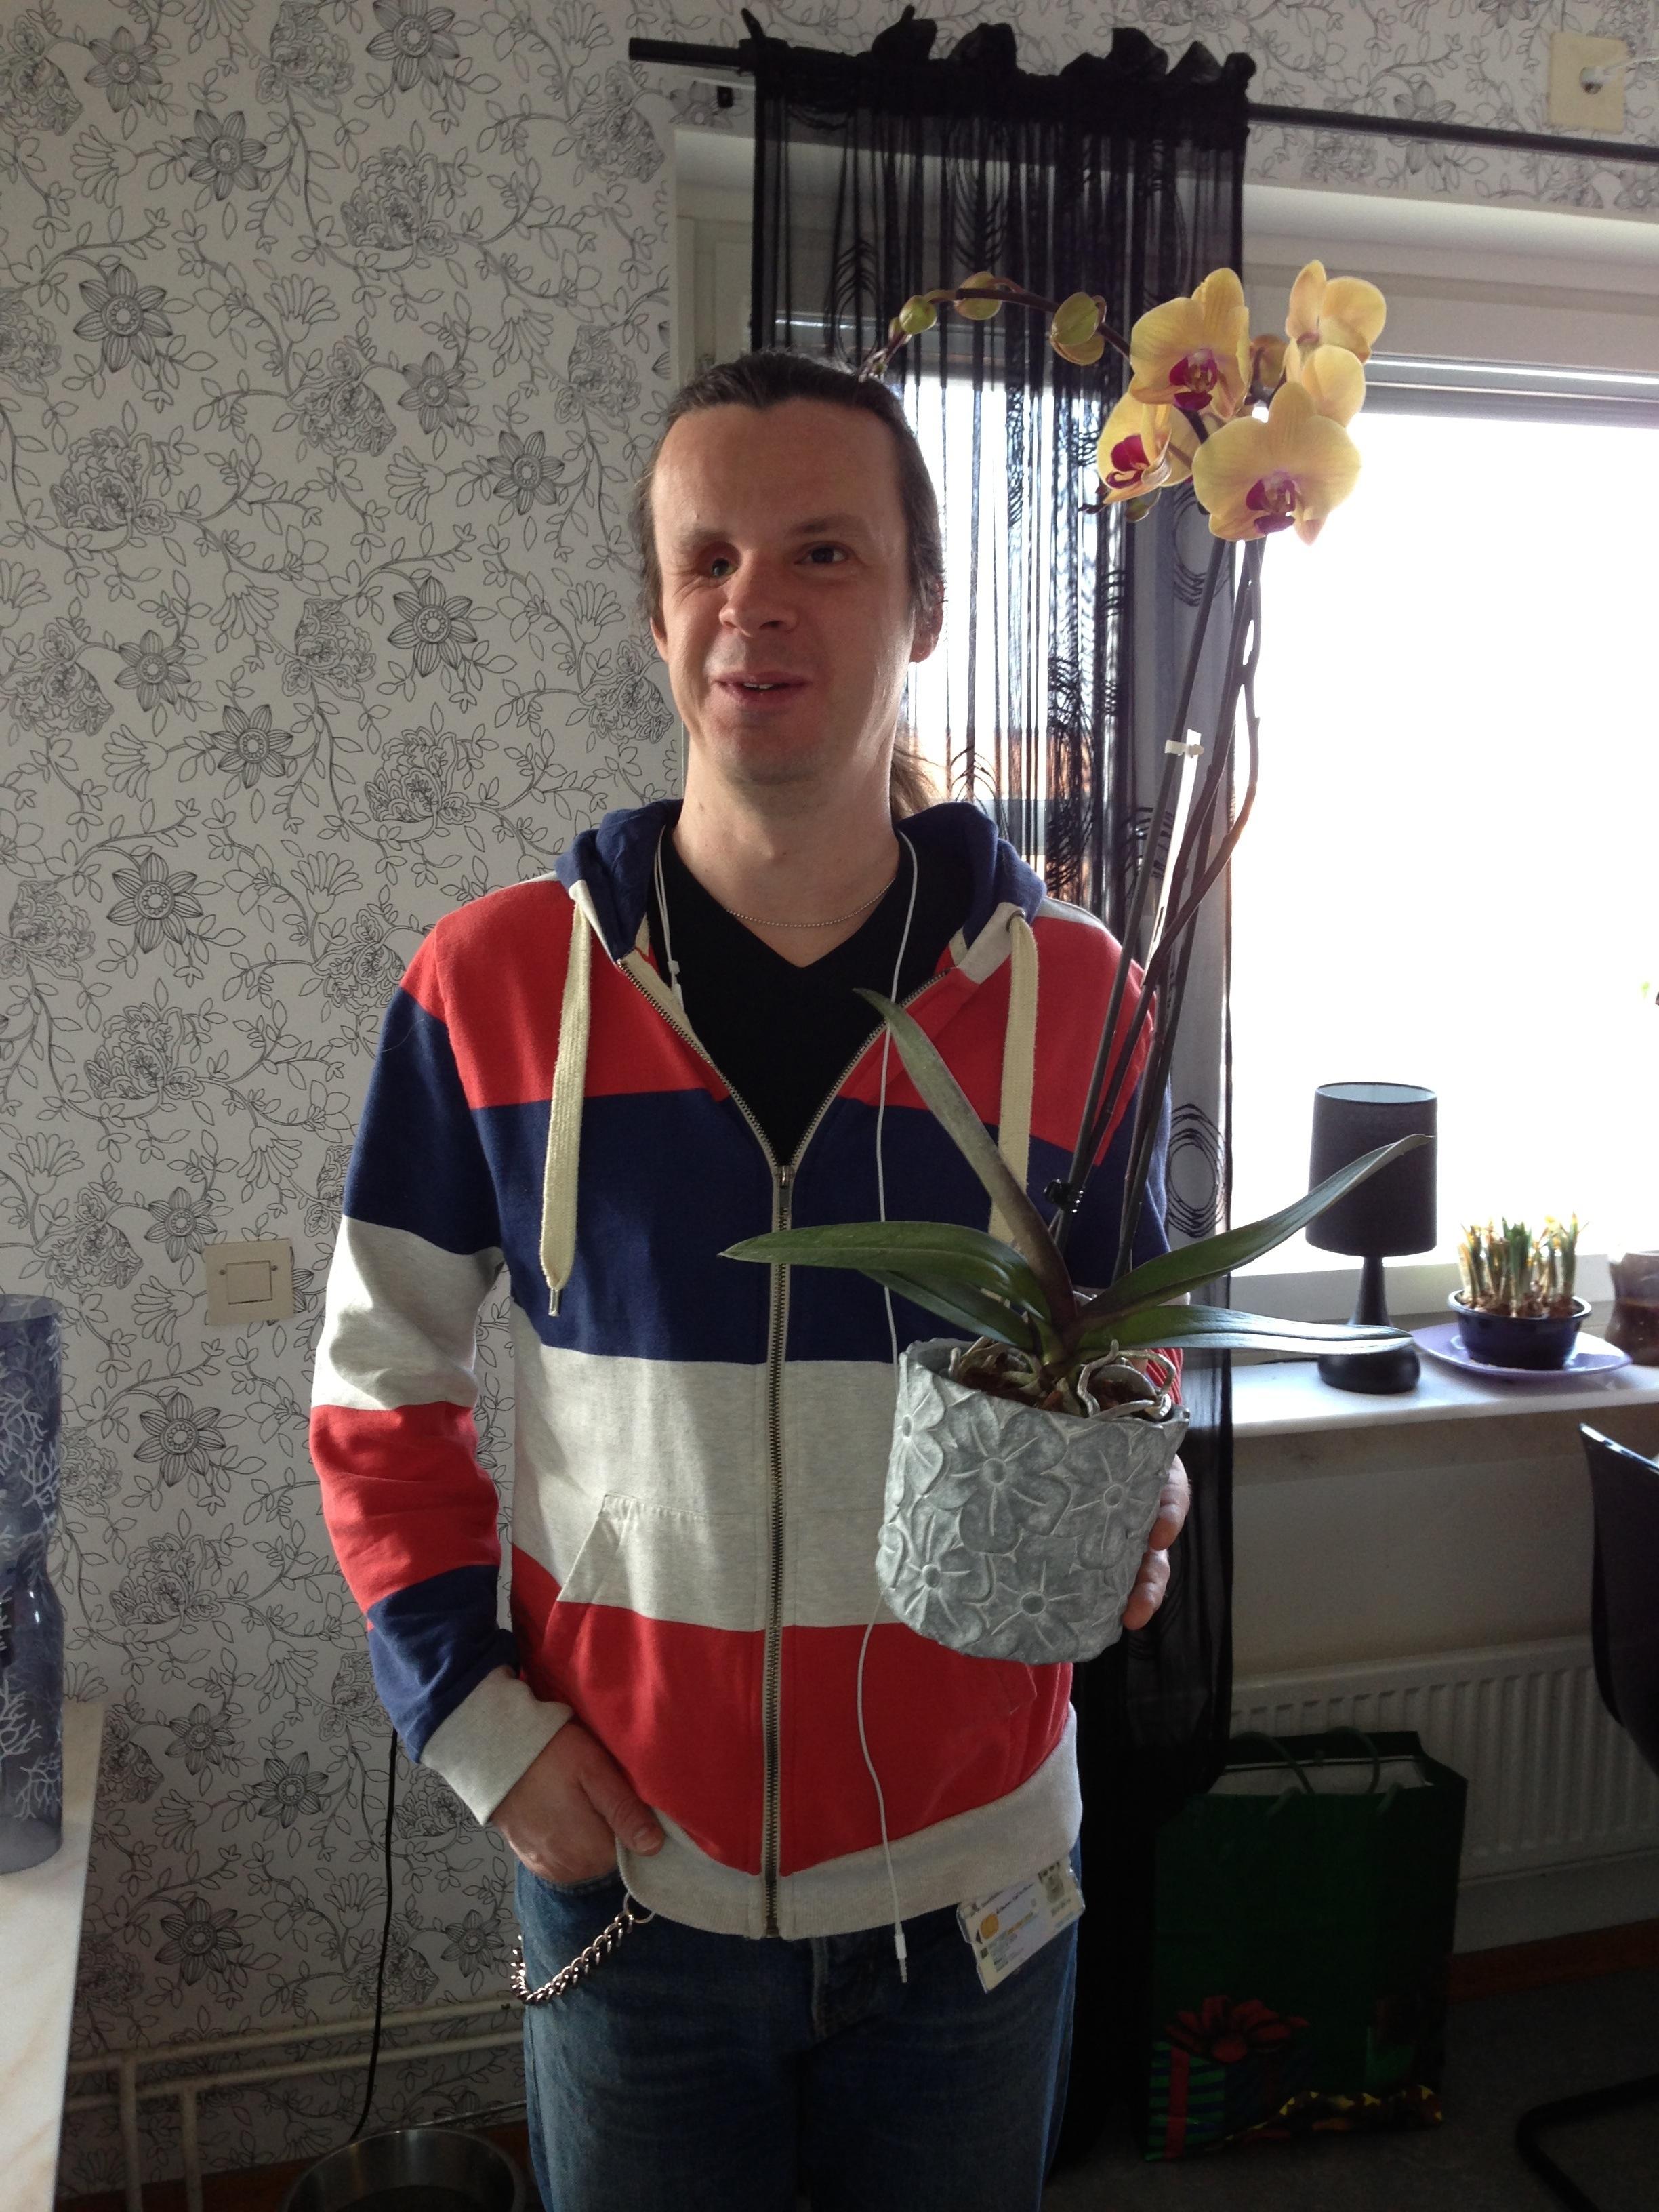 Bild: Joakim Nömell med en blomma i handen